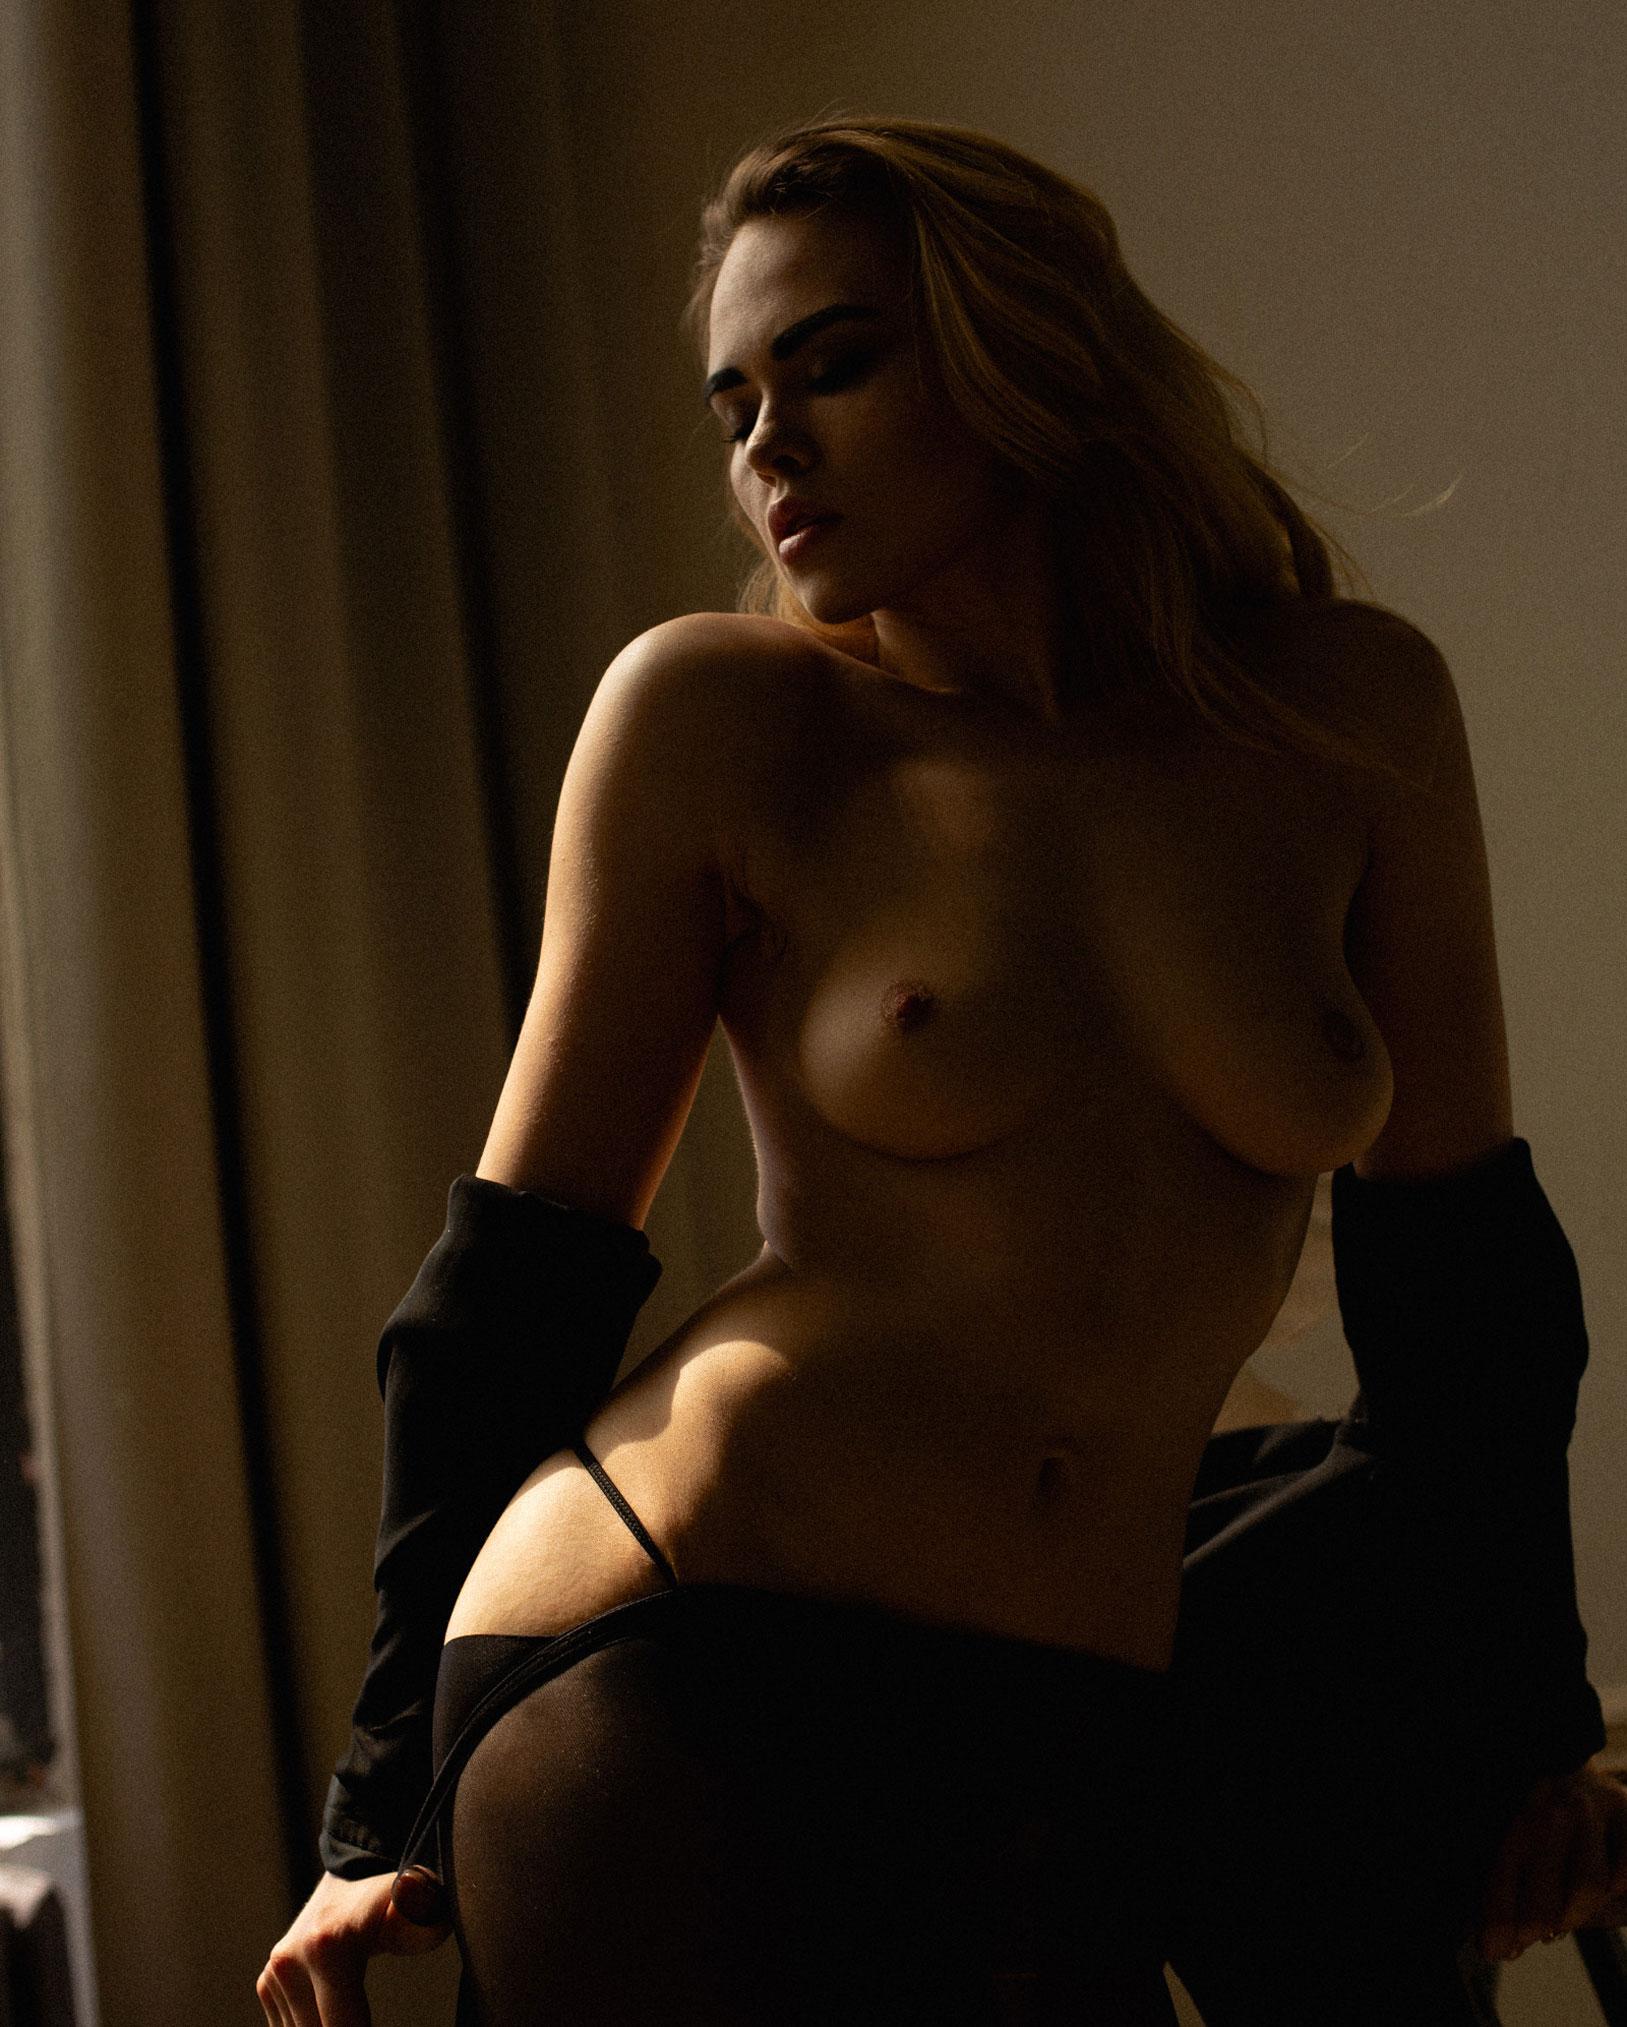 сексуальная фотомодель Эллина Мюллер / фото 07